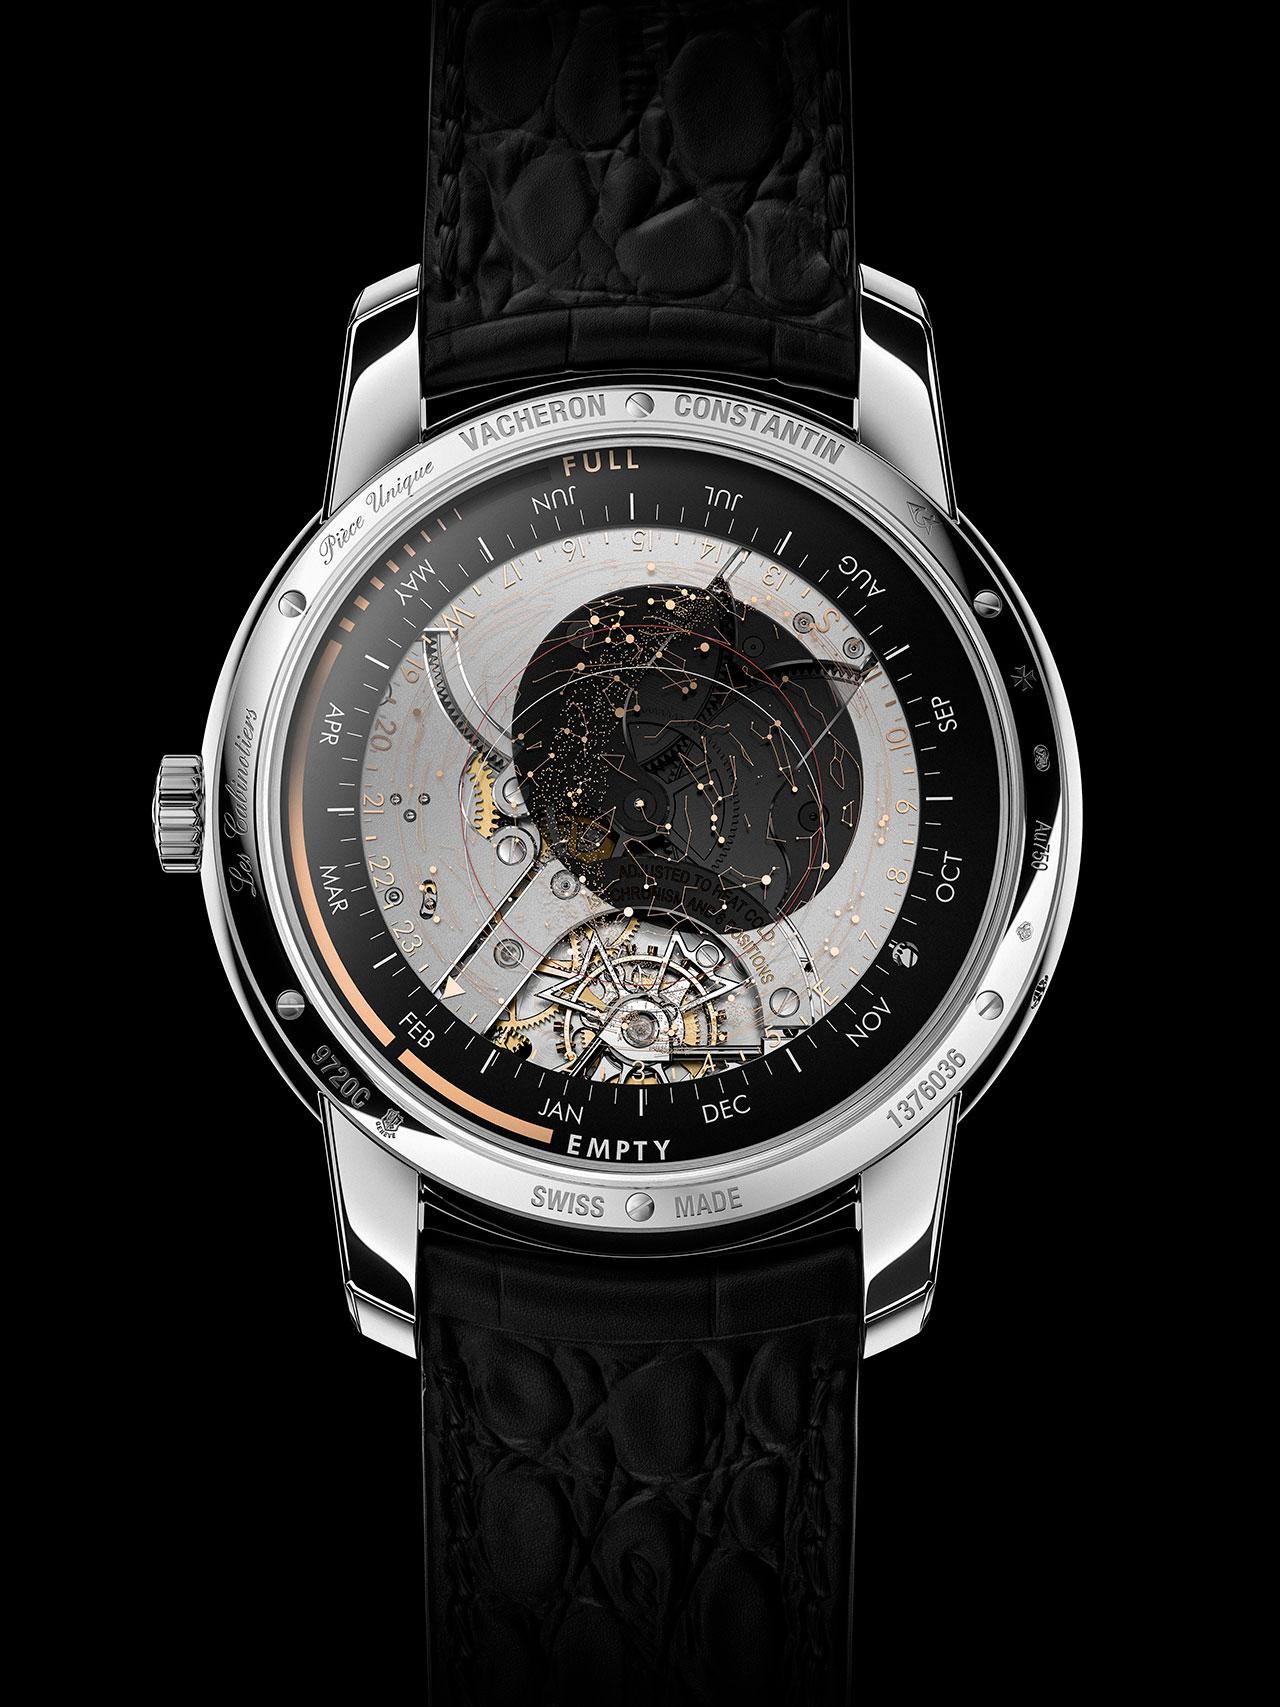 世界に一つしかない天文時計、「レ・キャビノティエ・セレスティア・アストロノミカル・ グランド・コンプリケーション 3600」